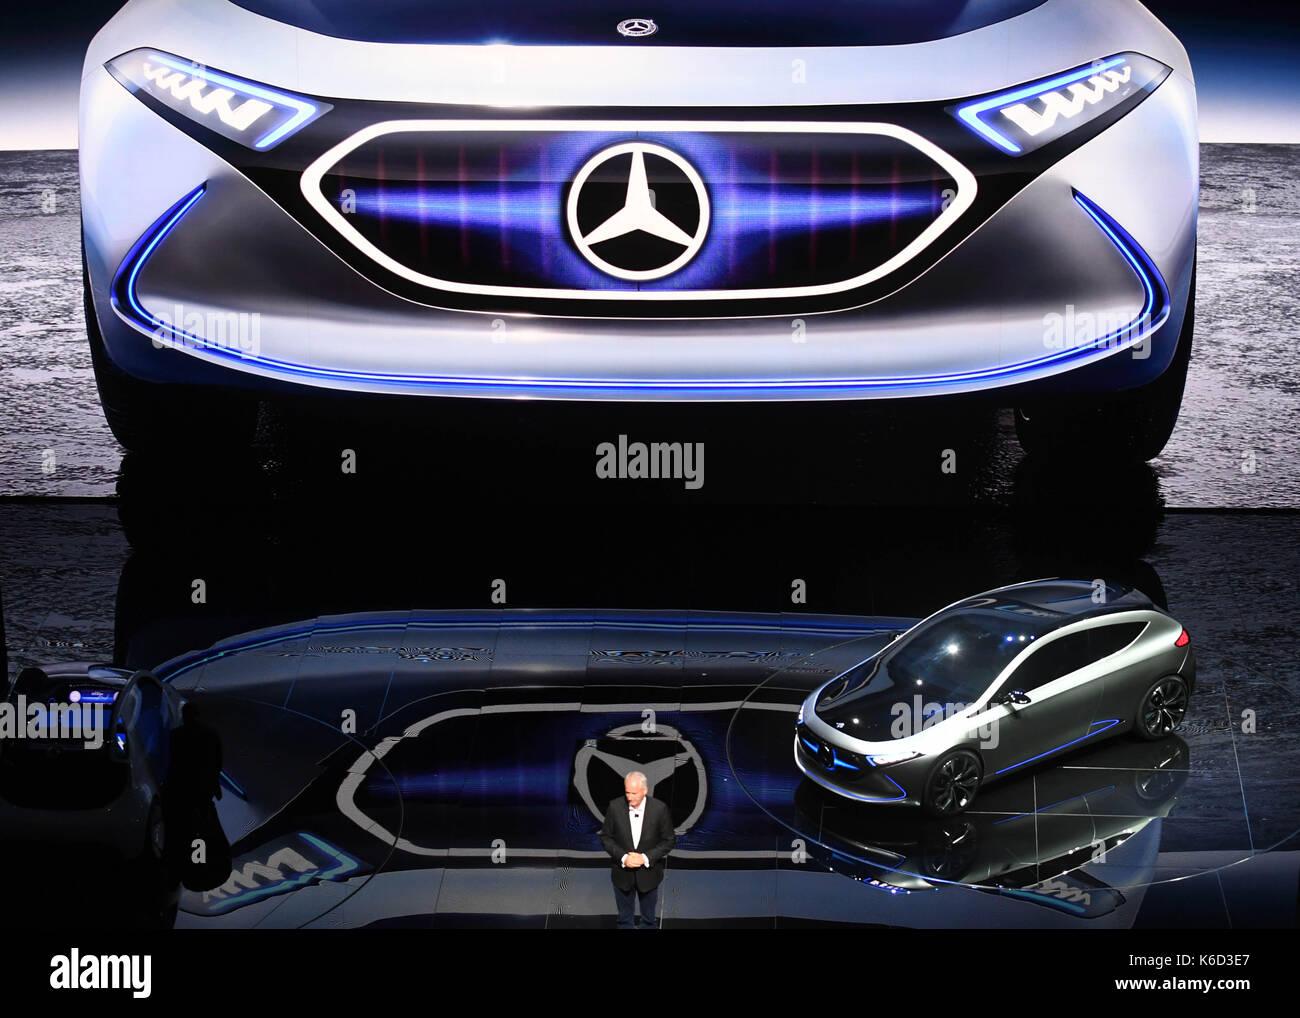 Francfort, Allemagne. 12 sep, 2017. hubertus troska, président membre de Daimler et en charge de la Chine, présente le concept merrcedes-benz lqe lors d'une conférence de presse à l'internationale automobil-ausstellung (IAA) (Allemagne) Salon international de l'automobile de Francfort am Main, Allemagne, 12 septembre 2017. Le salon international de l'automobile en Allemagne aura lieu du 14-24 septembre. Plus de 1 000 fabricants de près de 40 pays présentent leurs innovations au plus grand salon de l'automobile. crédit: afp photo alliance/Alamy live news Photo Stock